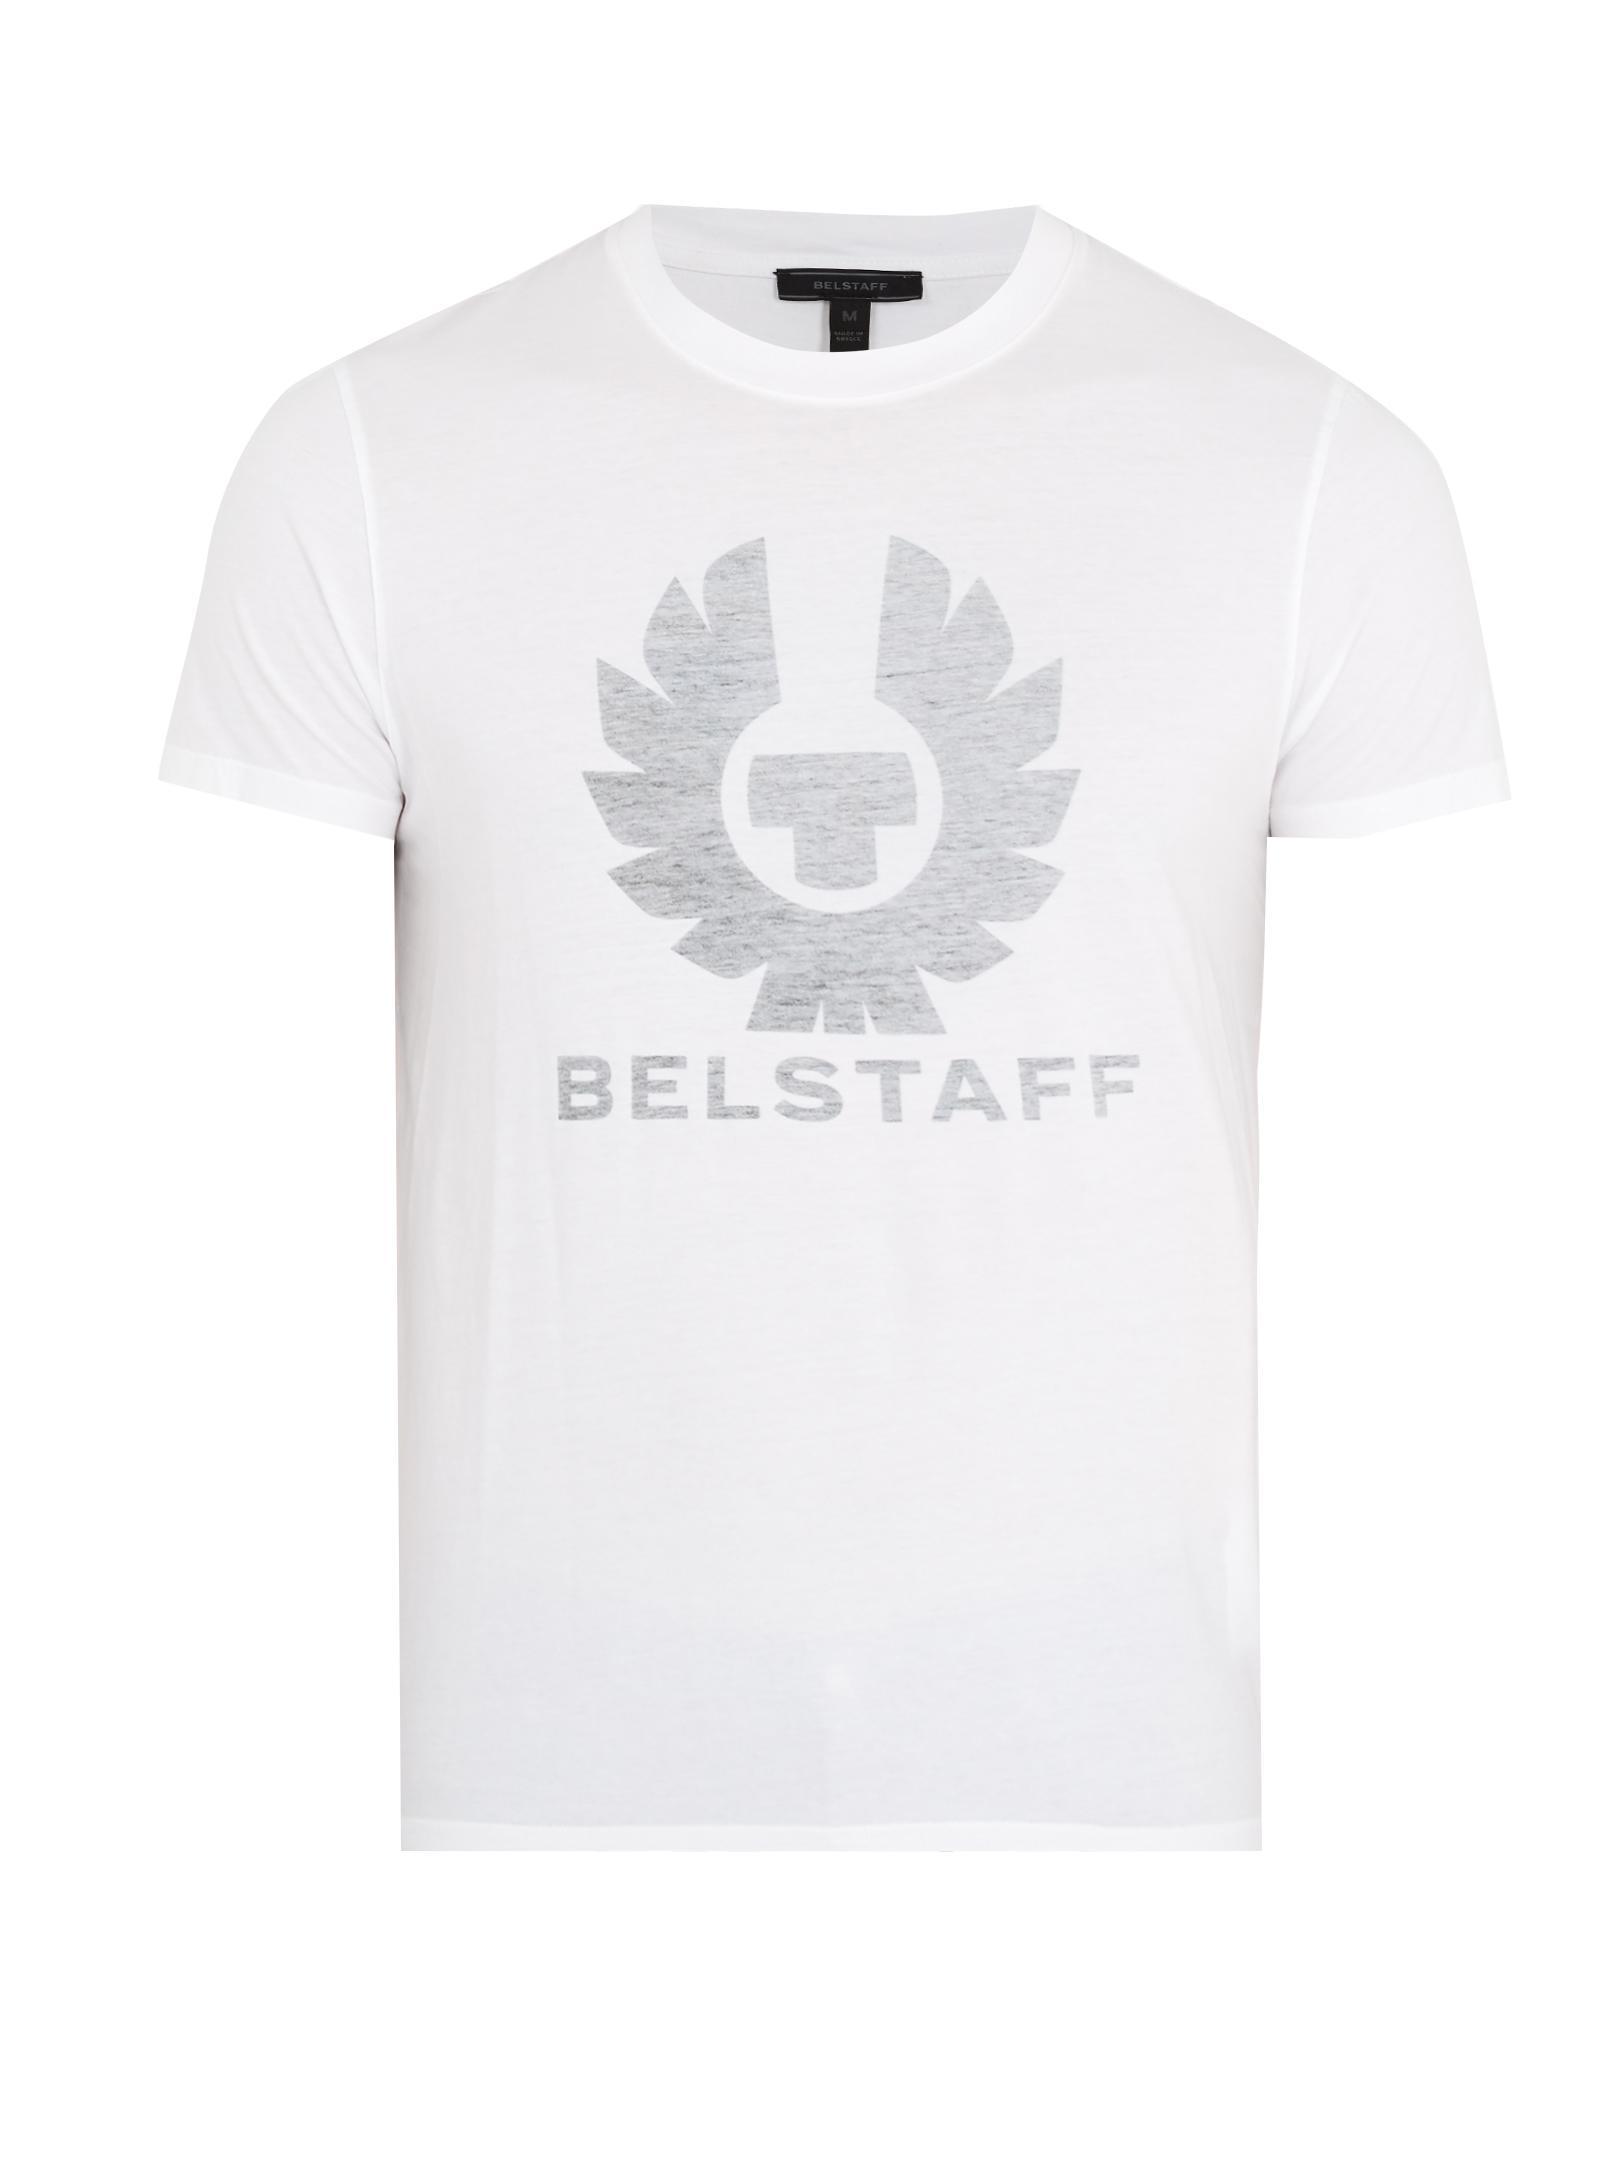 bd06422a84a21d belstaff-WHITE-Coatland-Logo-print-Cotton-T-shirt.jpeg